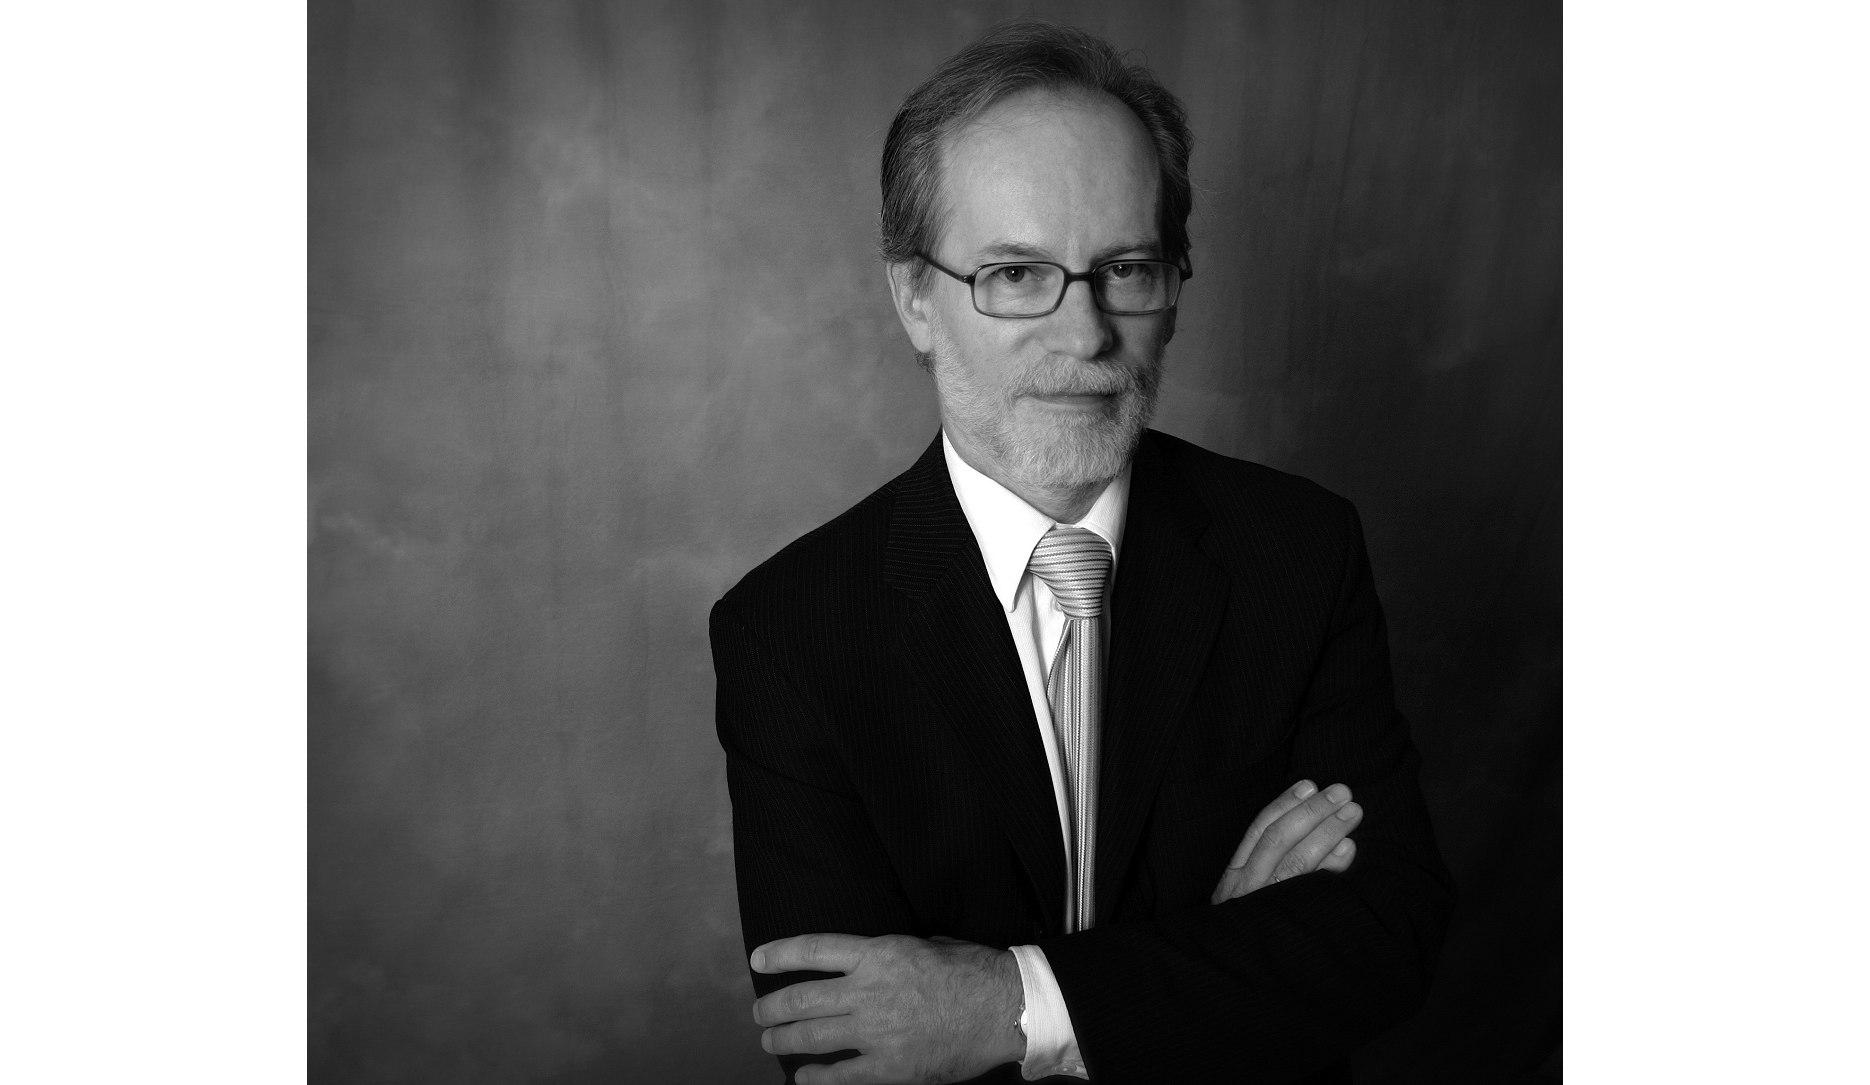 John Thavis (fot. Nancy Phelan Wiechec Catholic News Service)